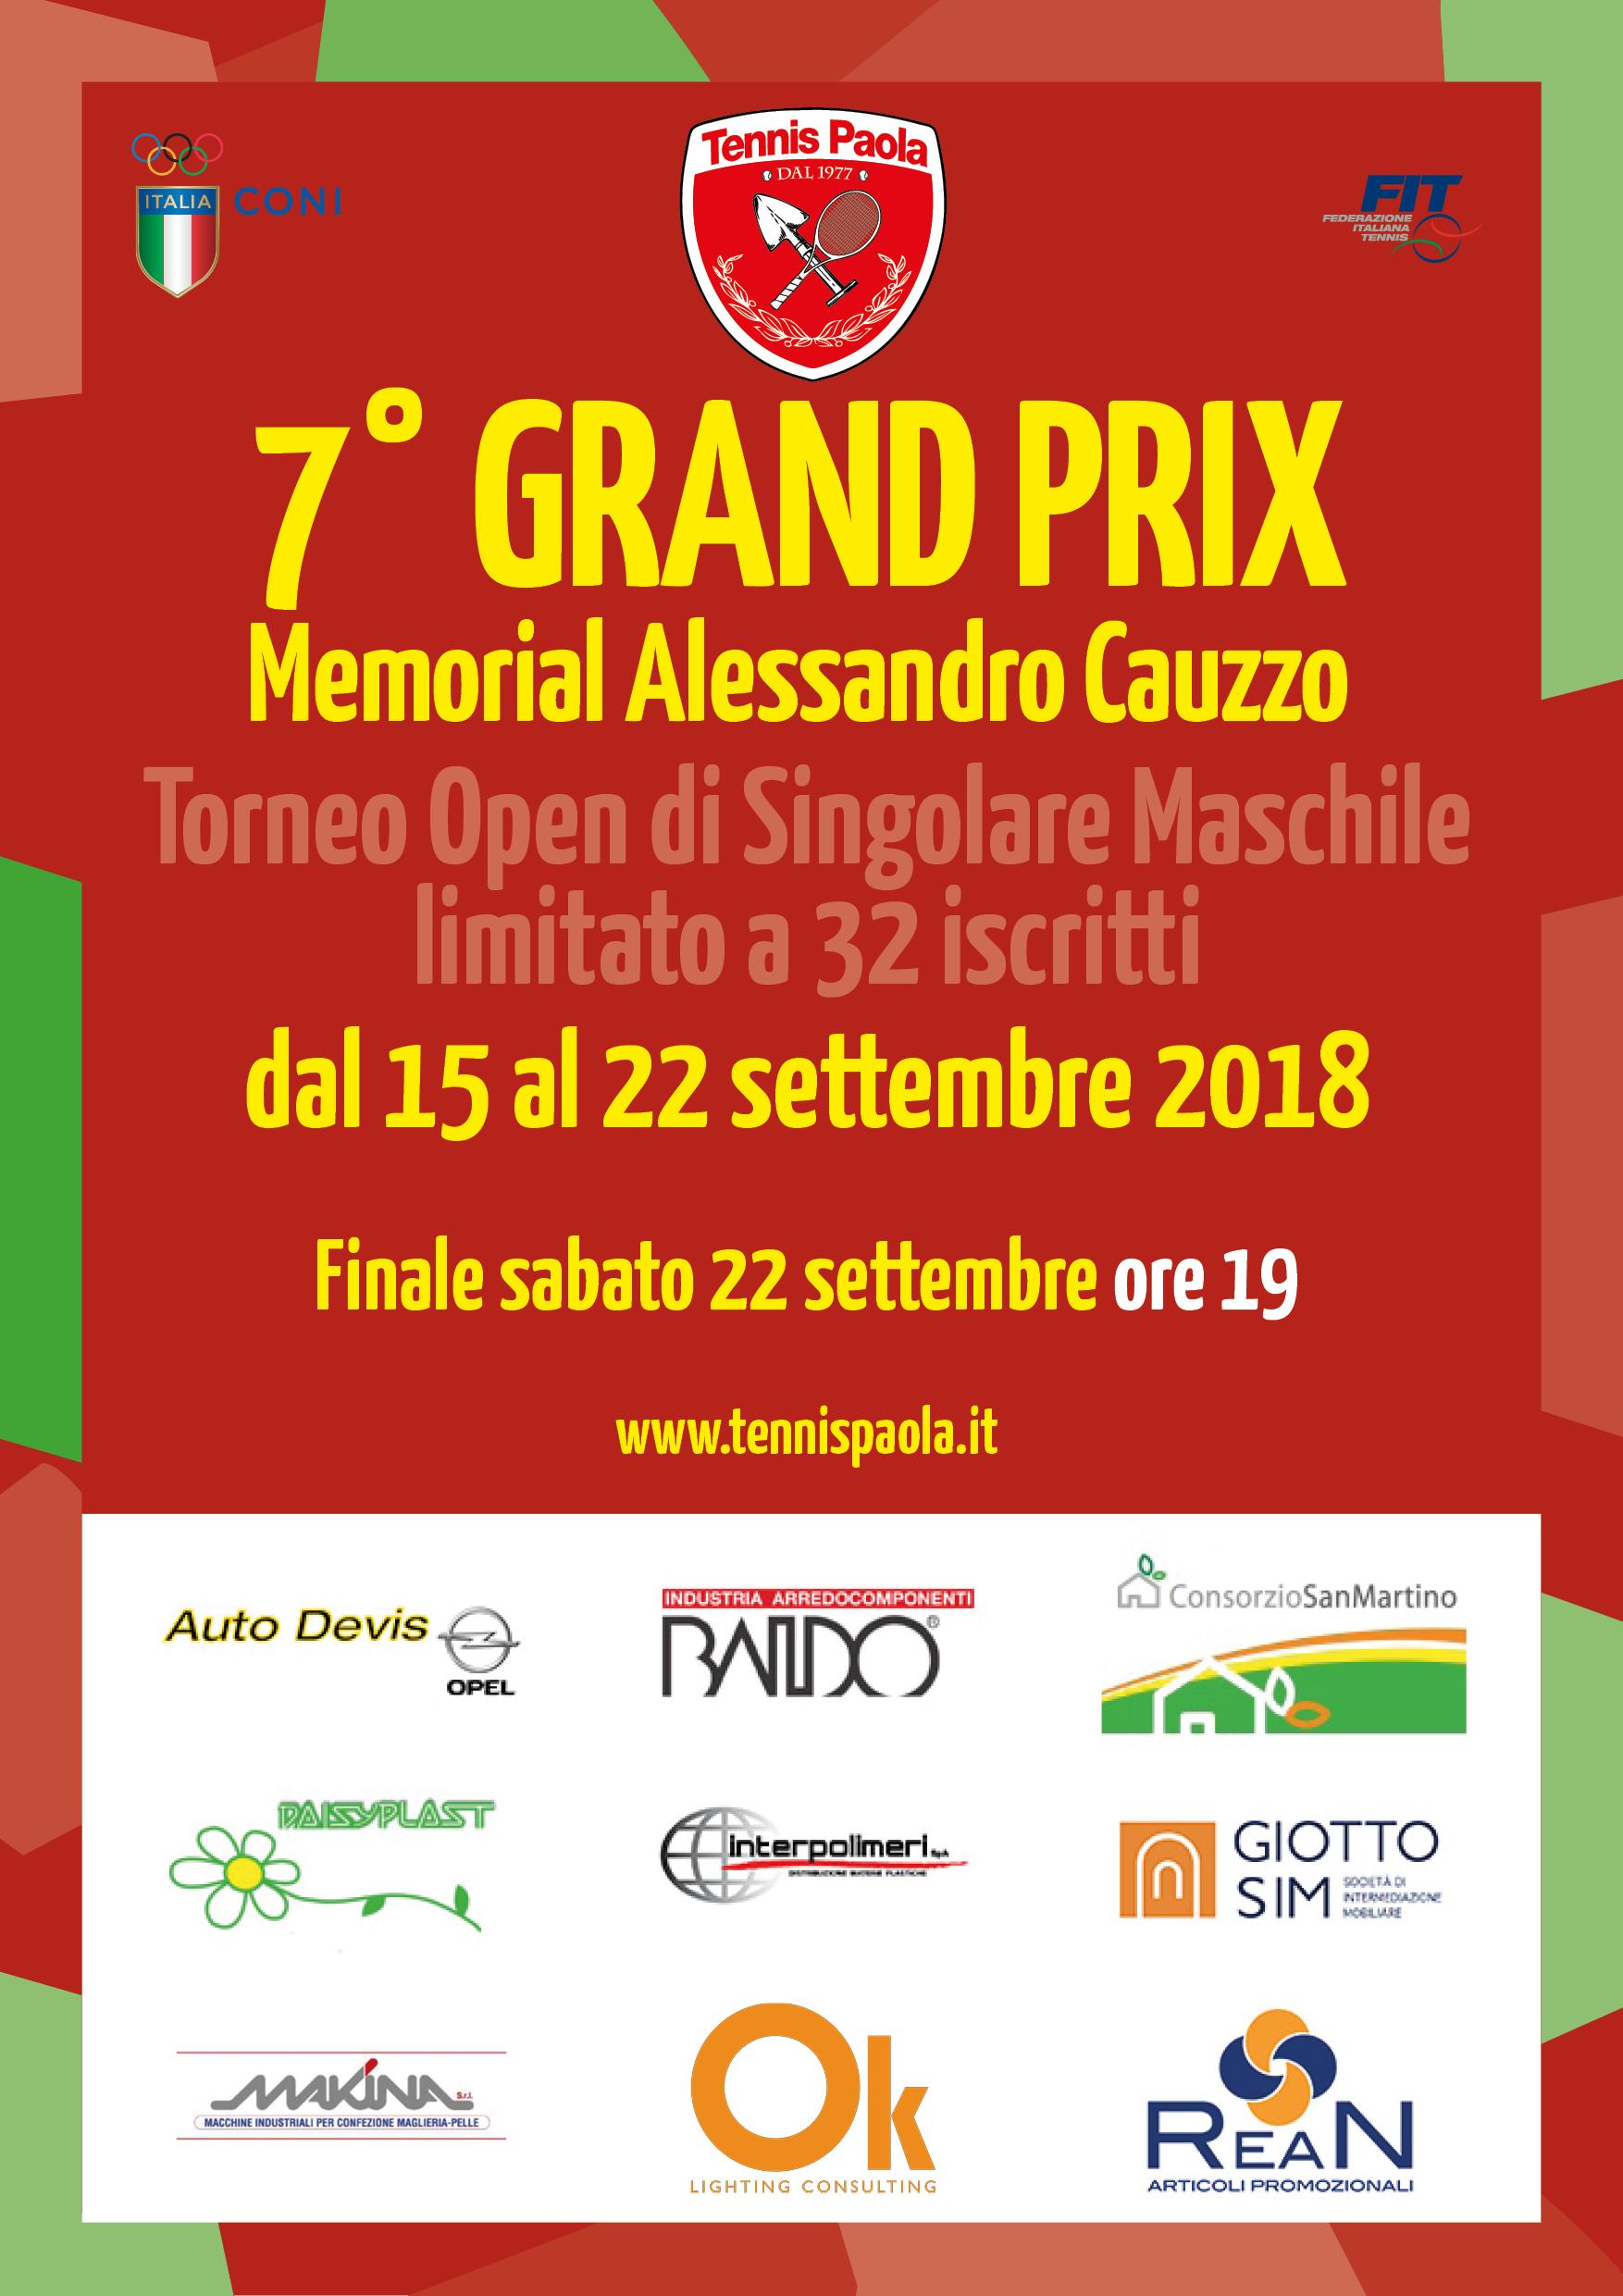 7° Grand Prix Memorial Alessandro Cauzzo